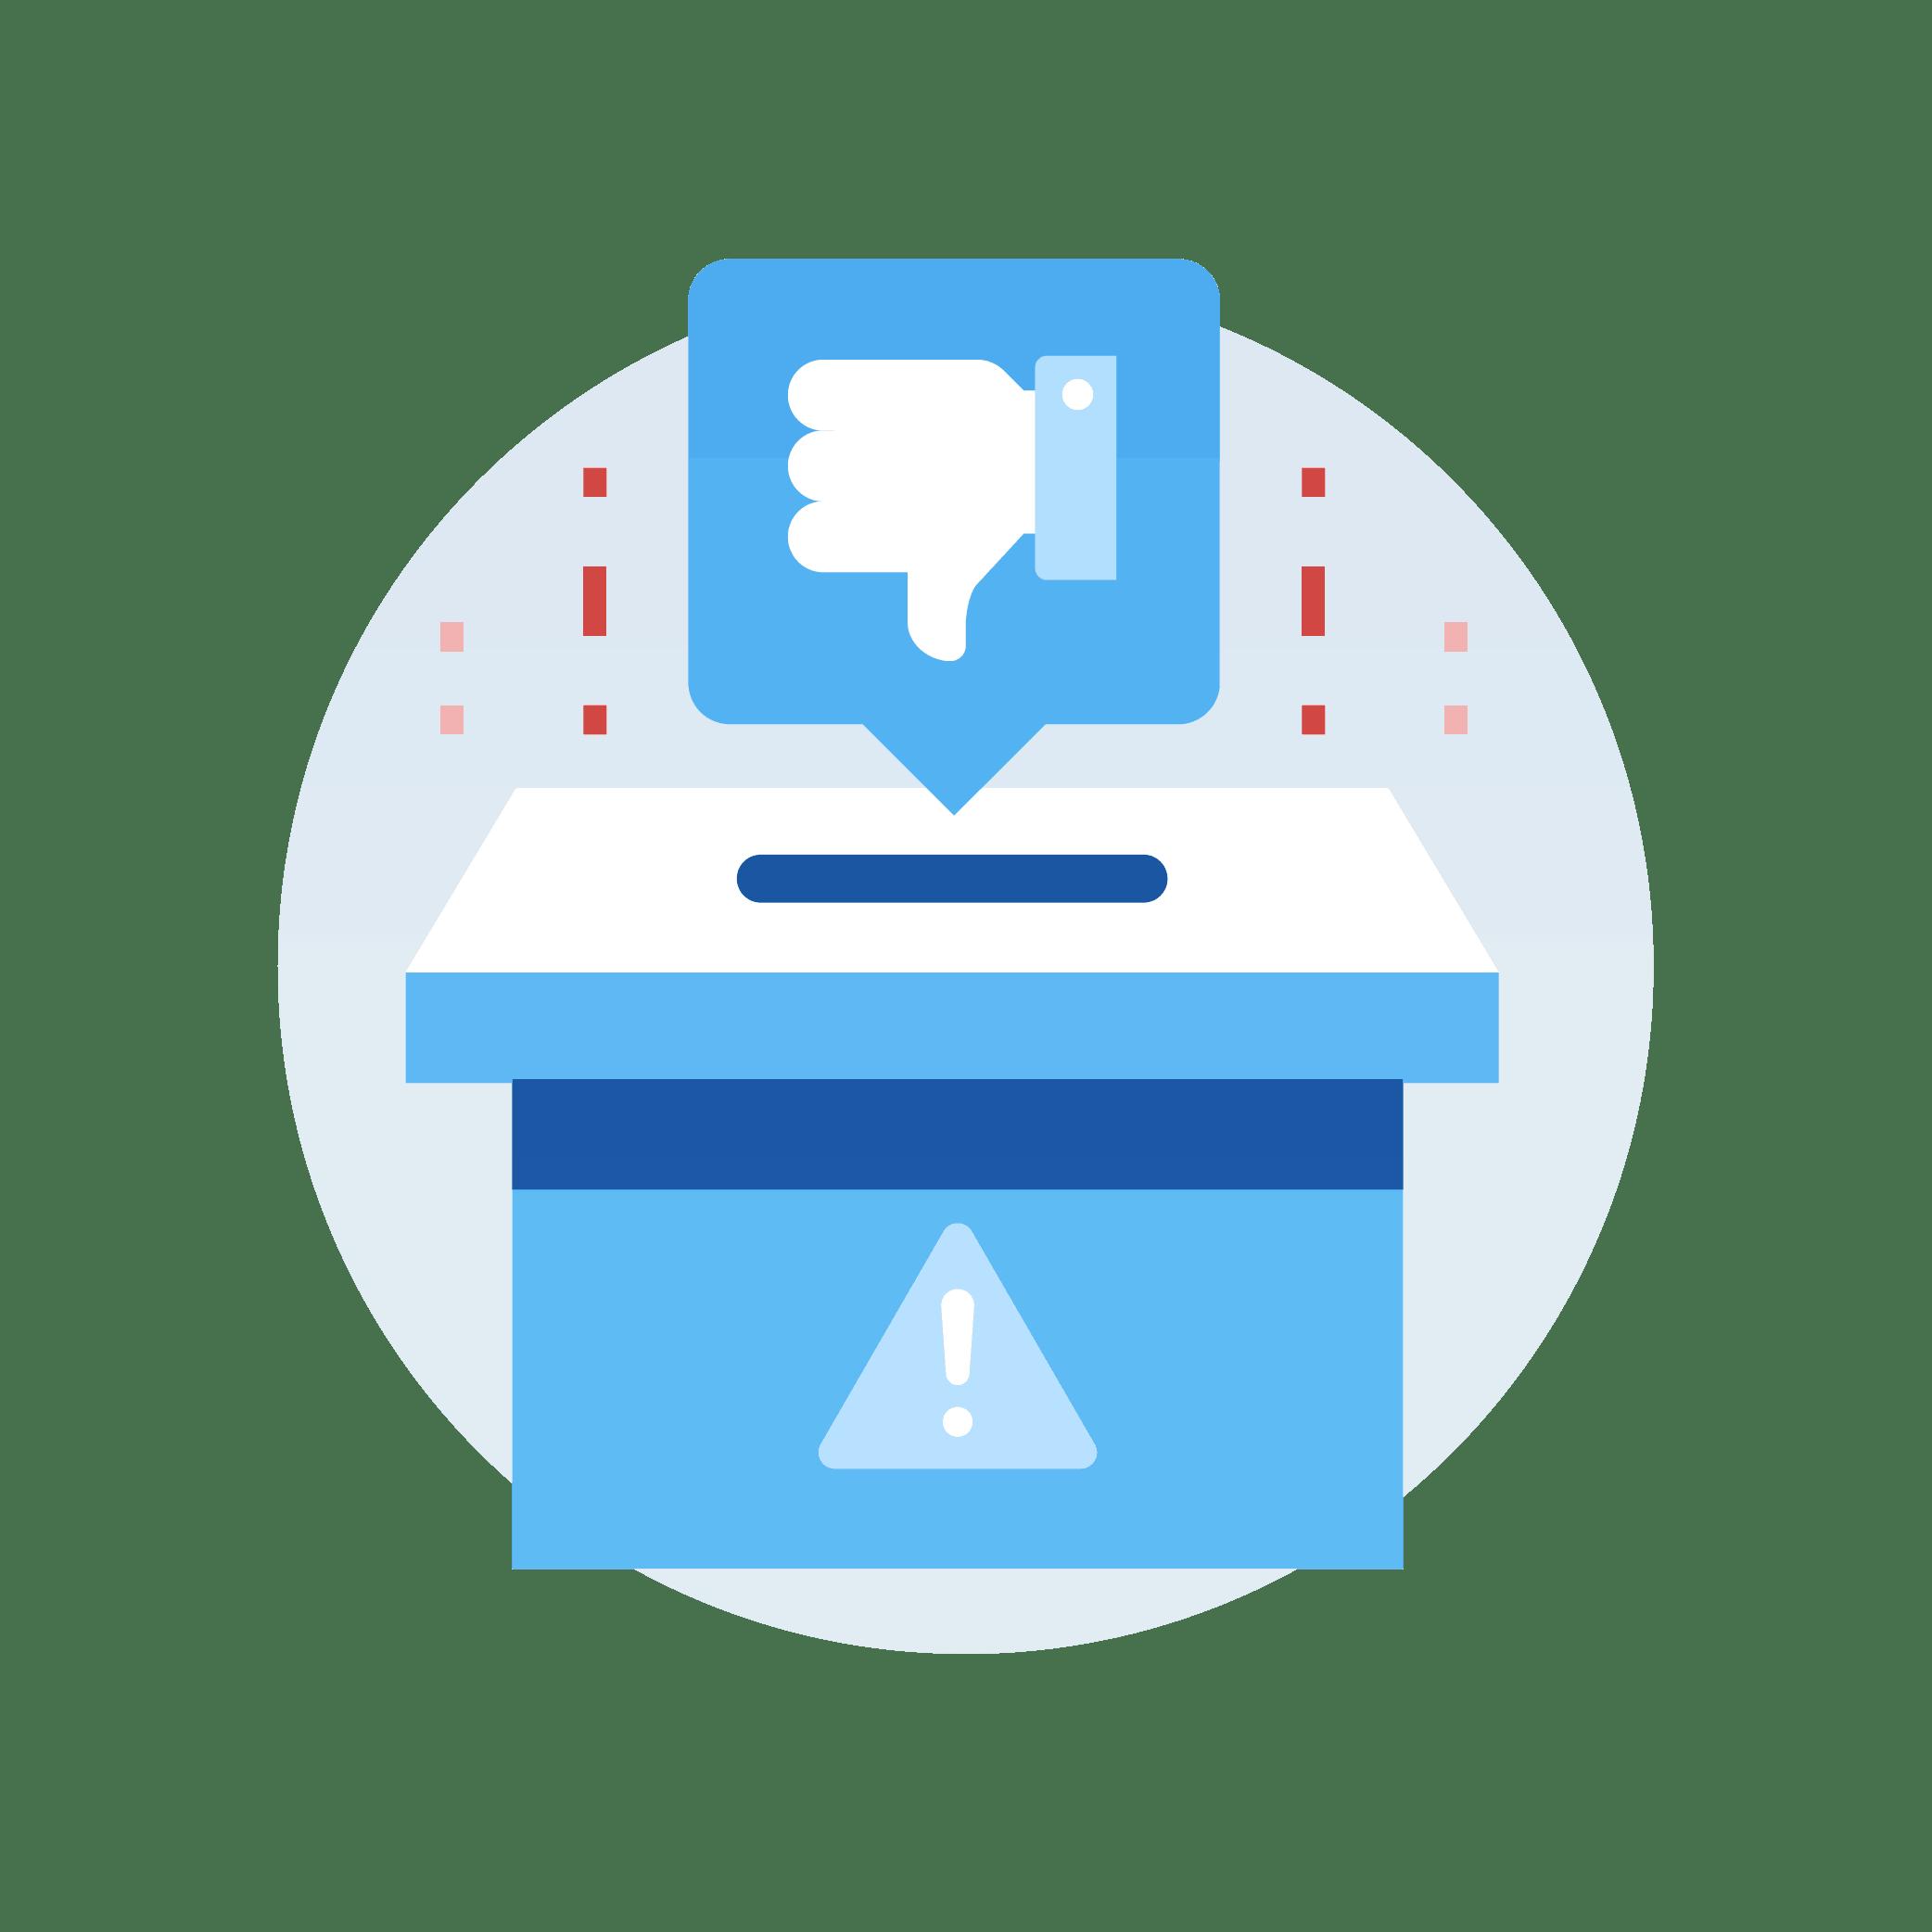 govqa complaints management software product icon